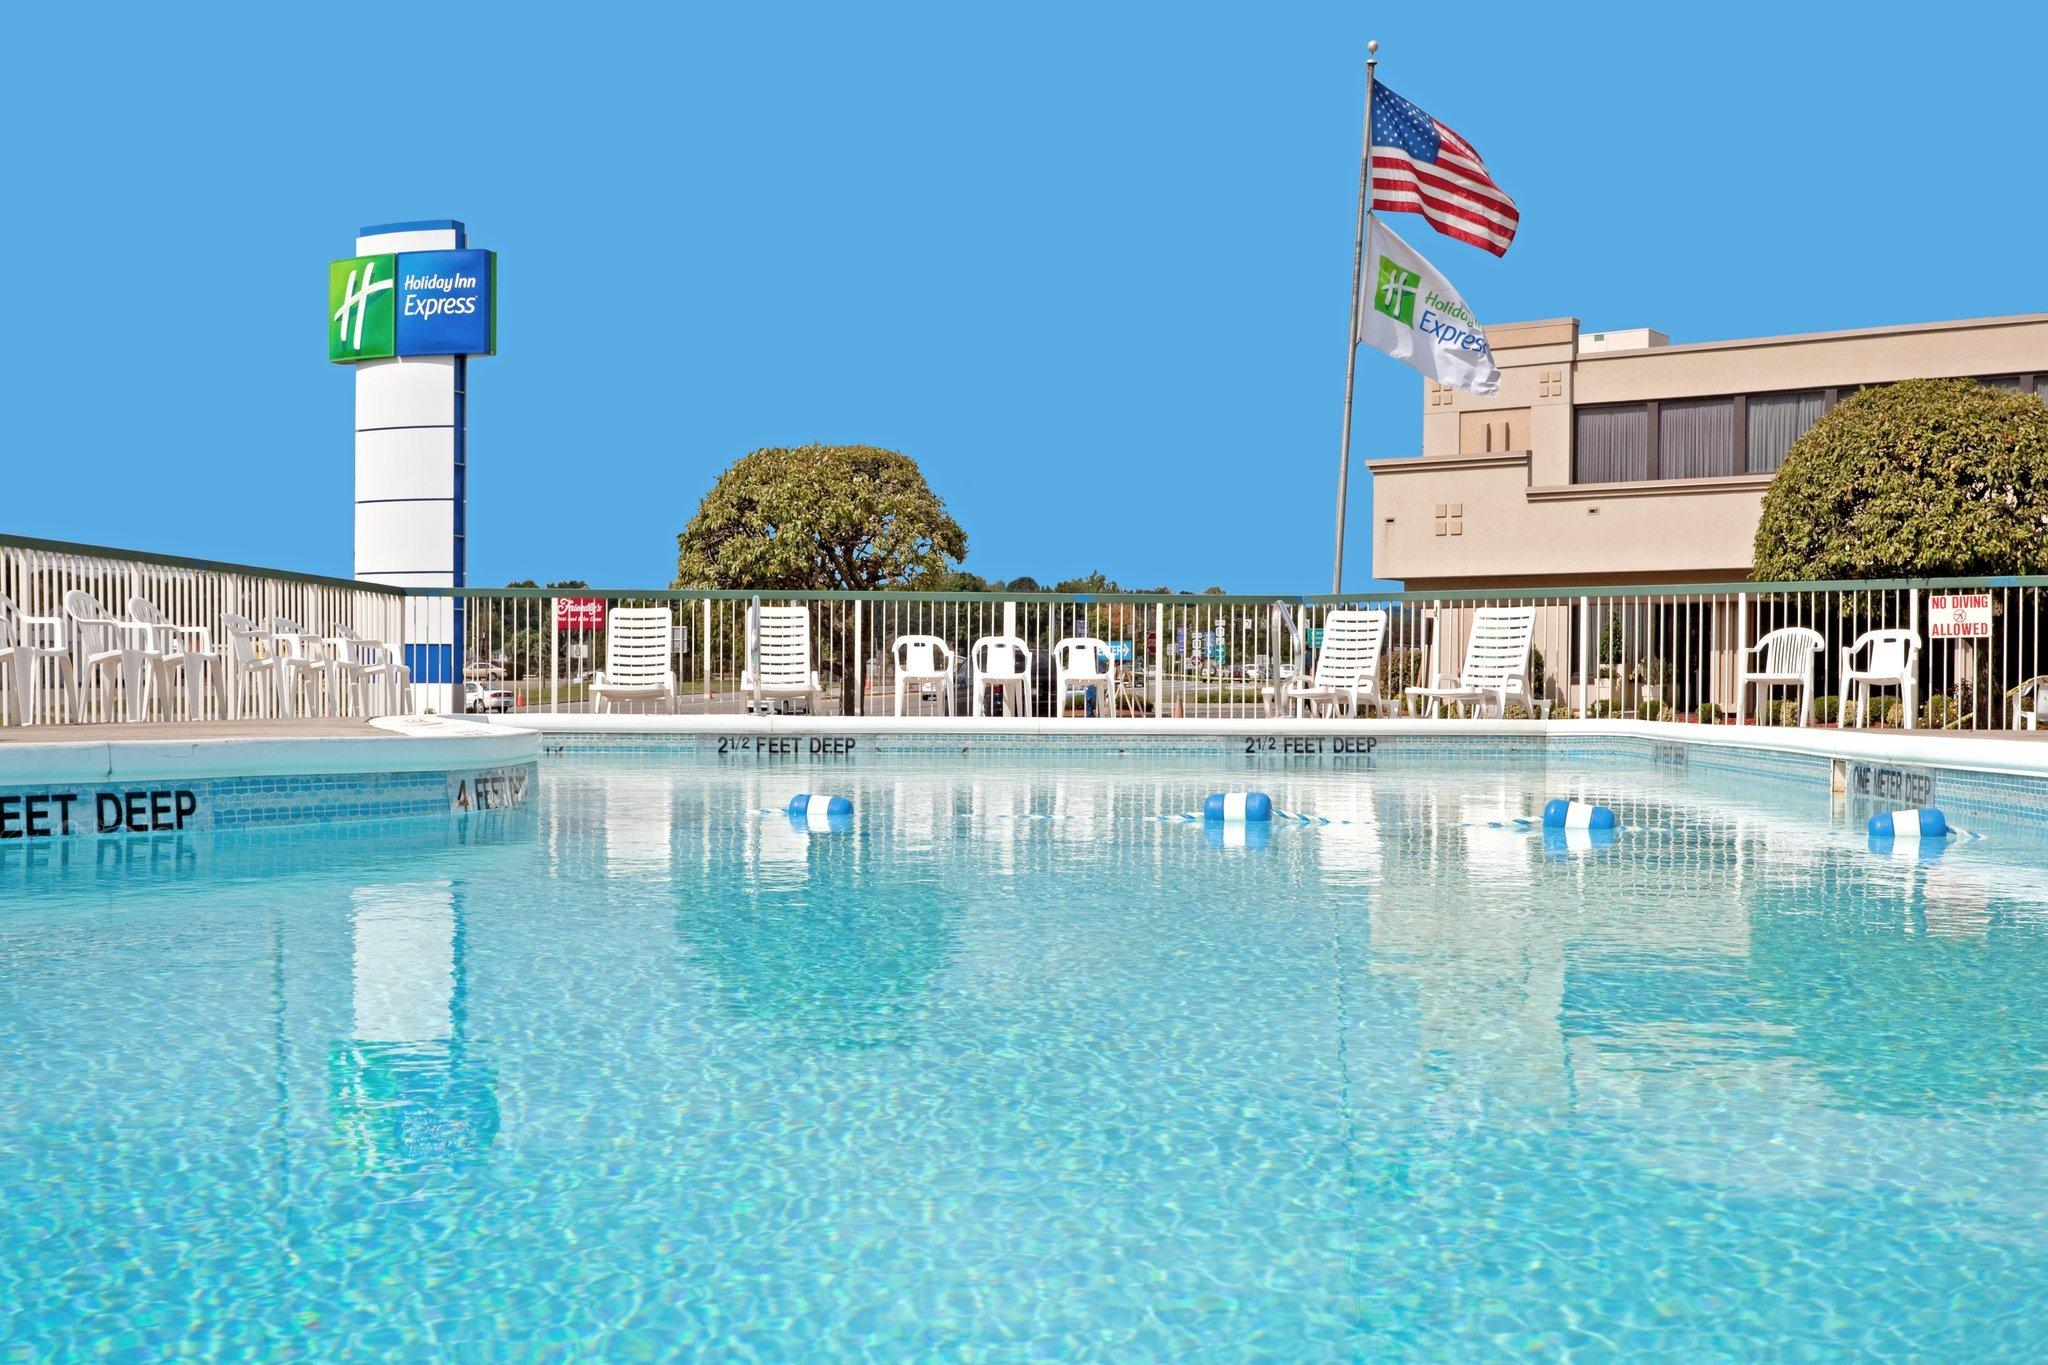 Holiday Inn Express Elmira Horseheads